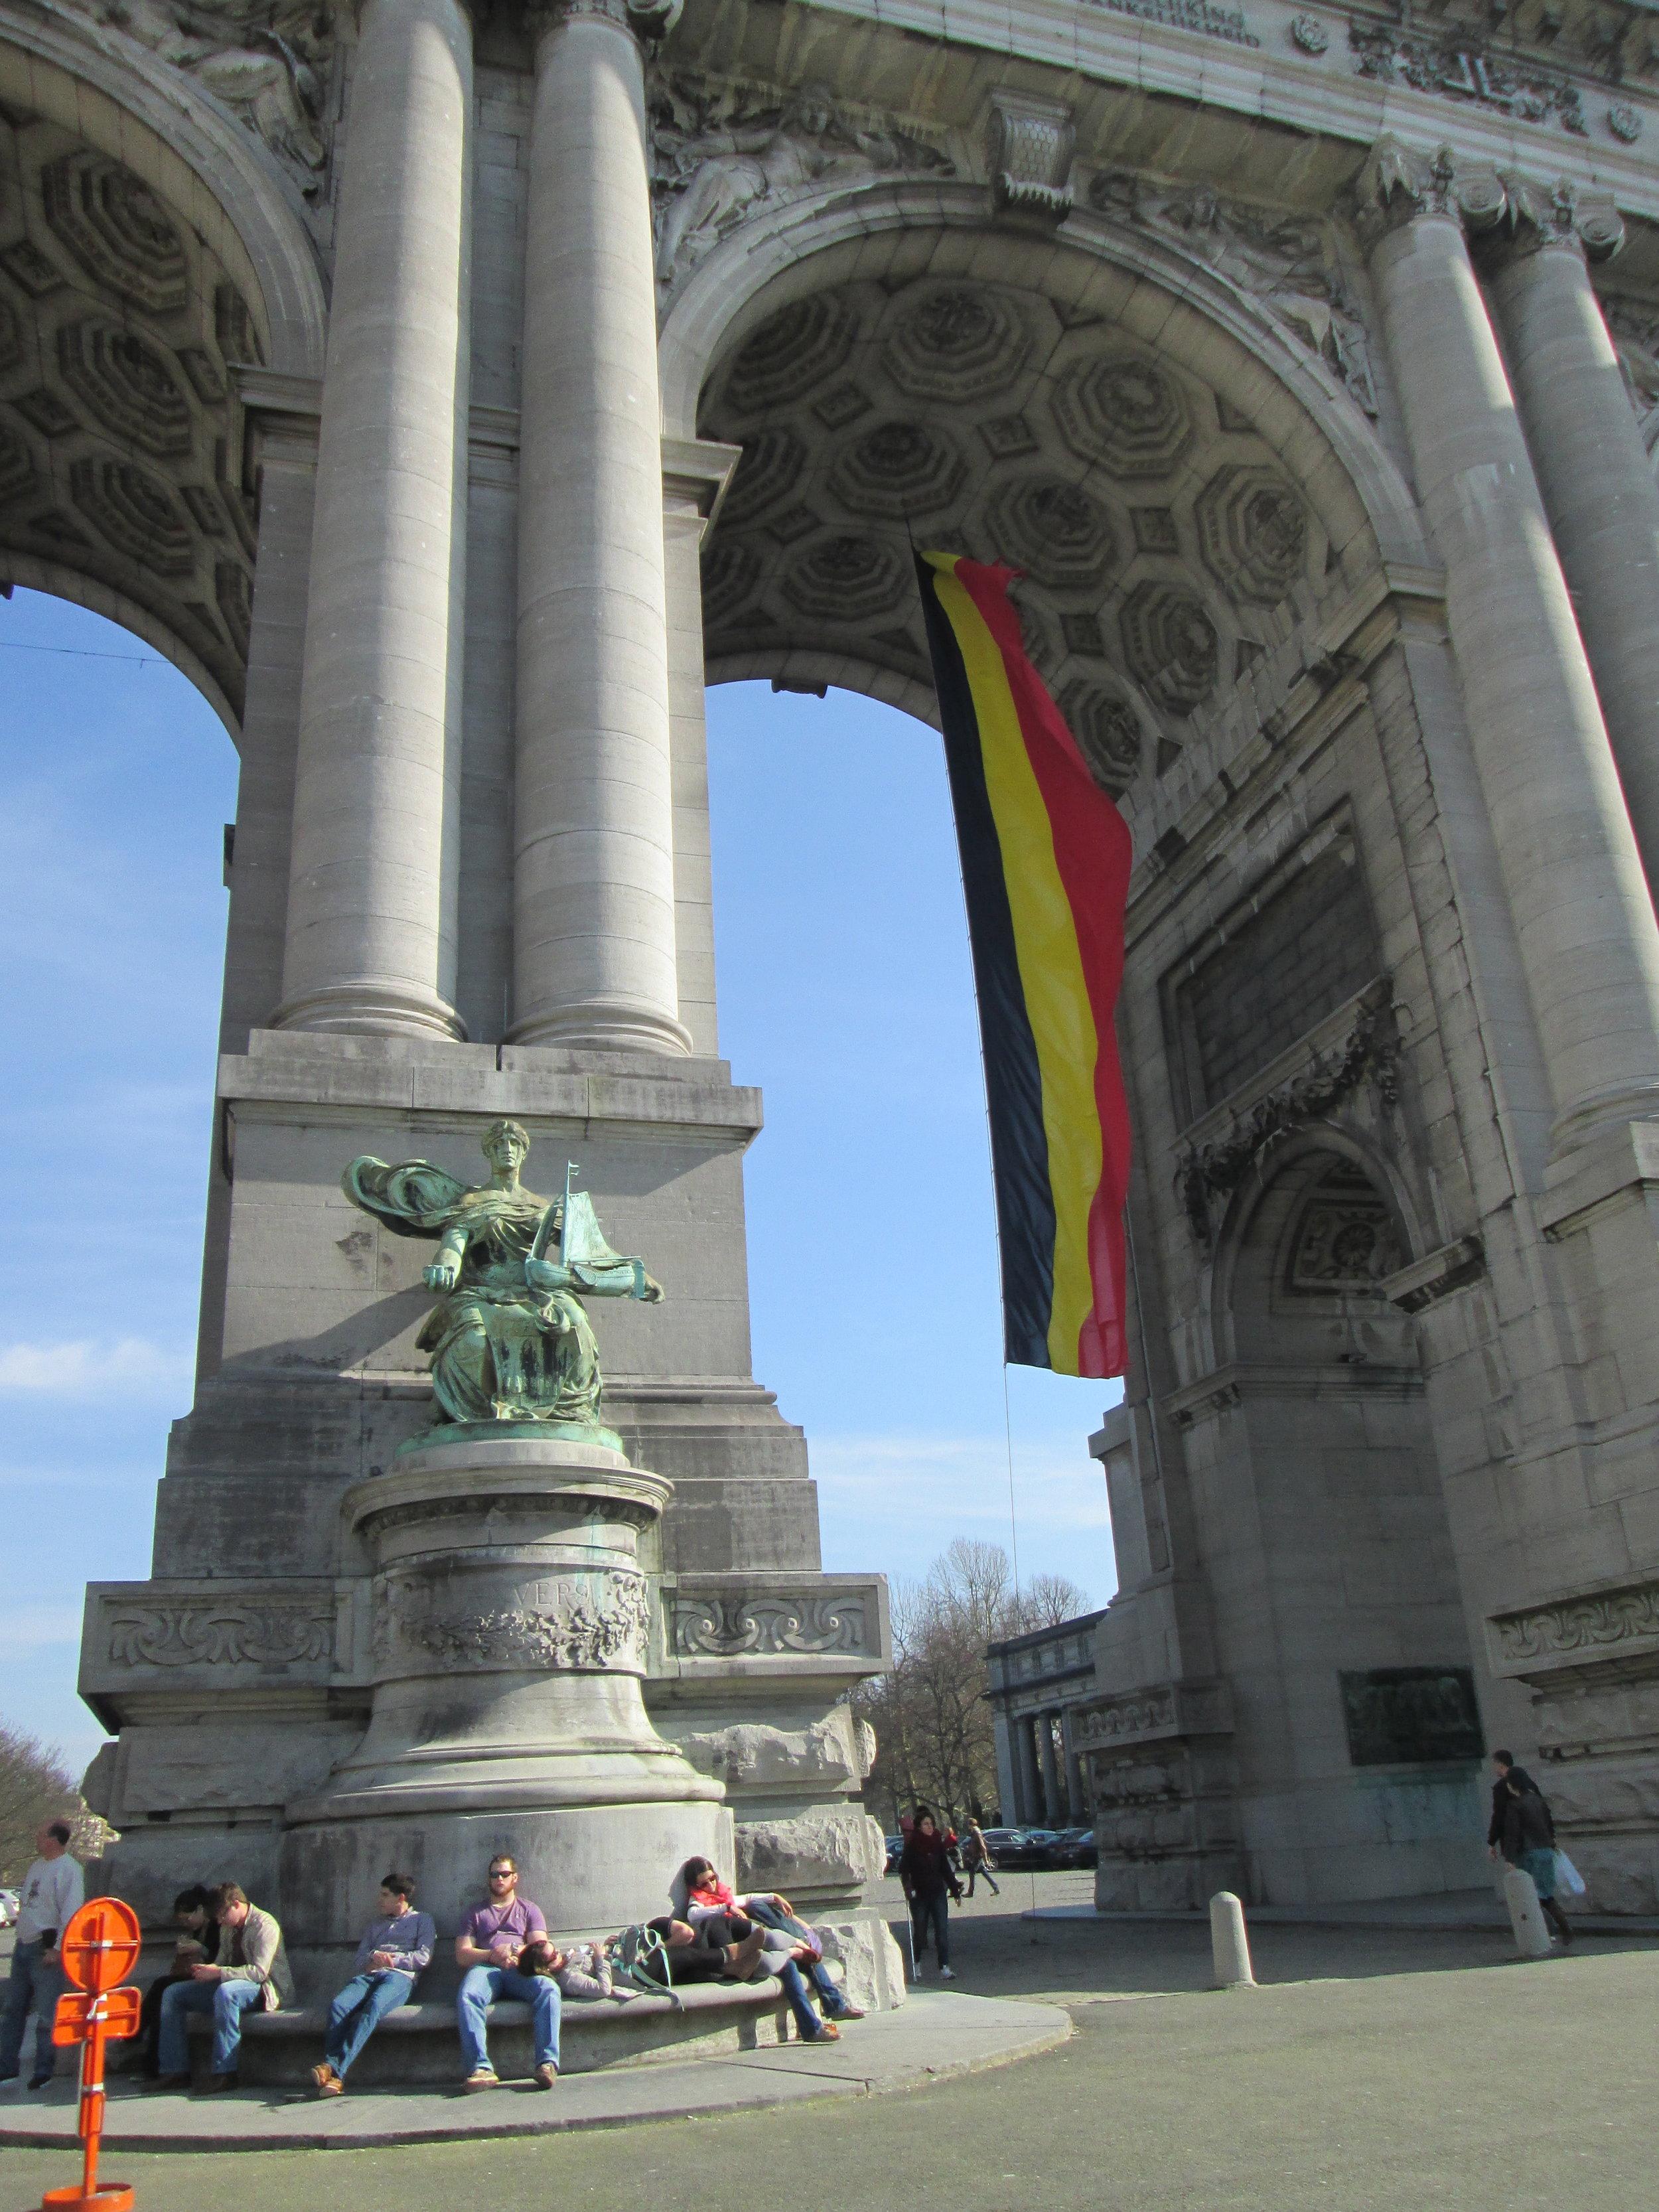 Arches at Parc du Cinquantenaire, complete with Belgian flag.